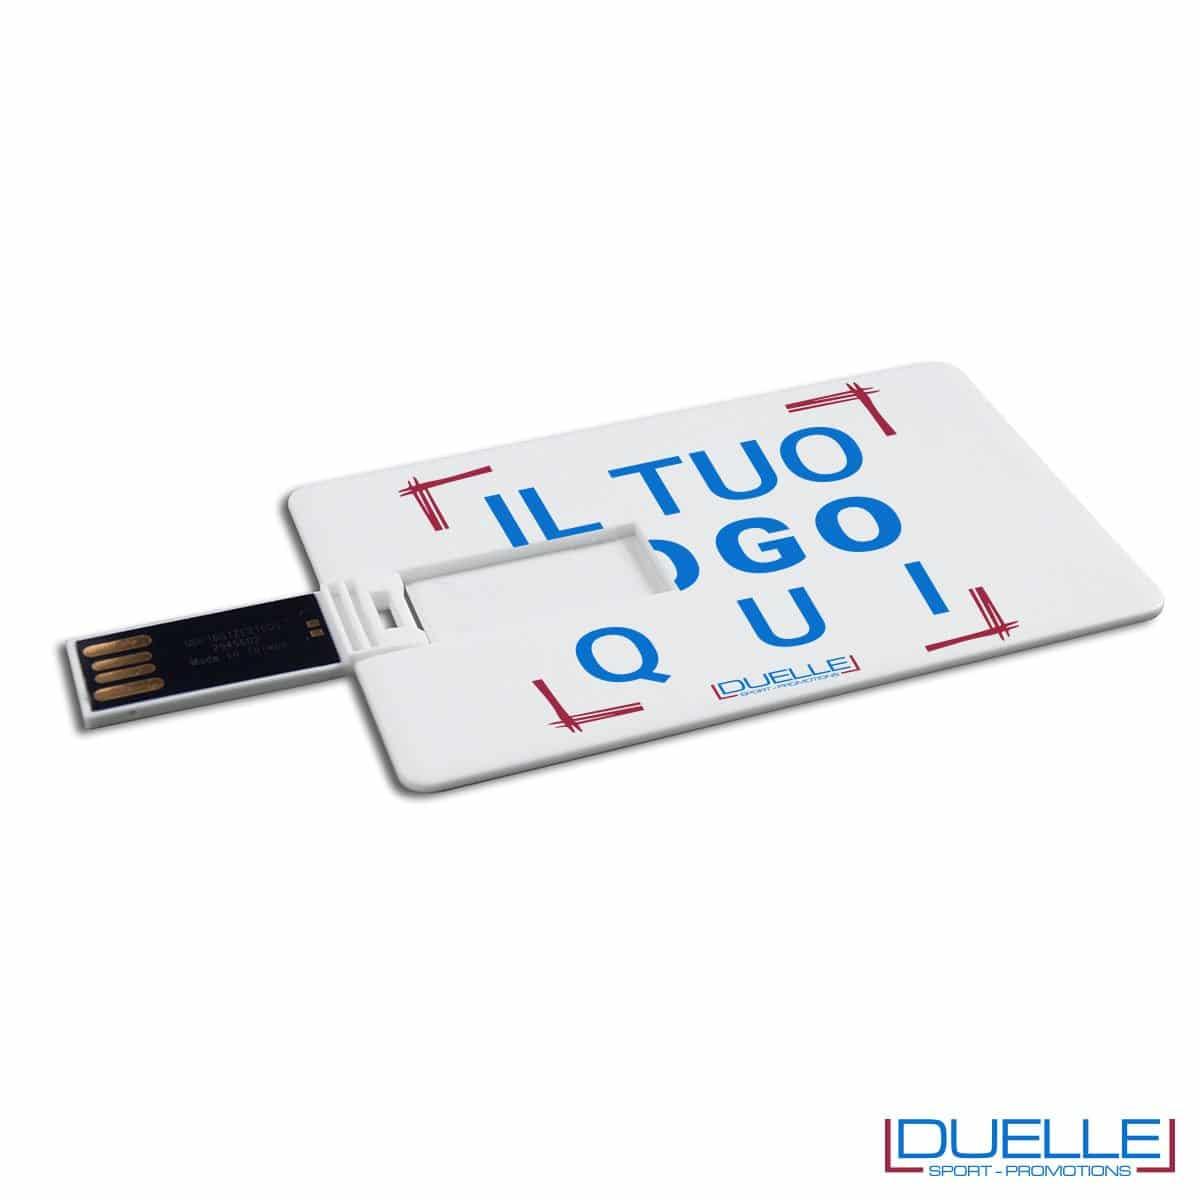 Memoria USB personalizzata carta di credito